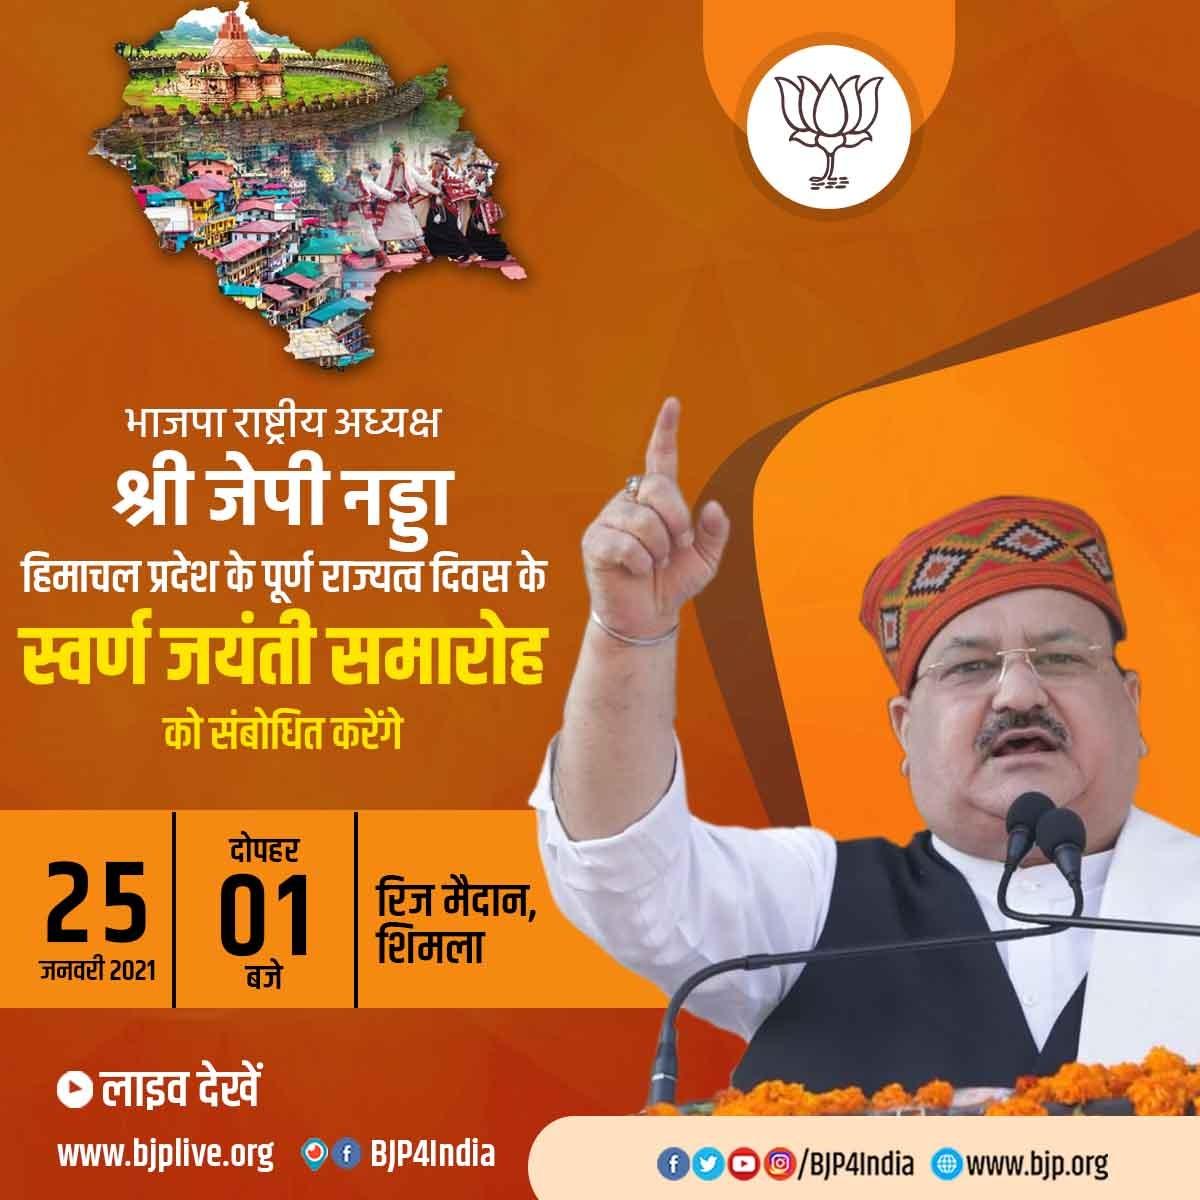 भाजपा राष्ट्रीय अध्यक्ष श्री @JPNadda 25 जनवरी 2021 को हिमाचल प्रदेश के पूर्ण राज्यत्व दिवस के स्वर्ण जयंती समारोह को संबोधित करेंगे।  लाइव देखें   •  •  •  •